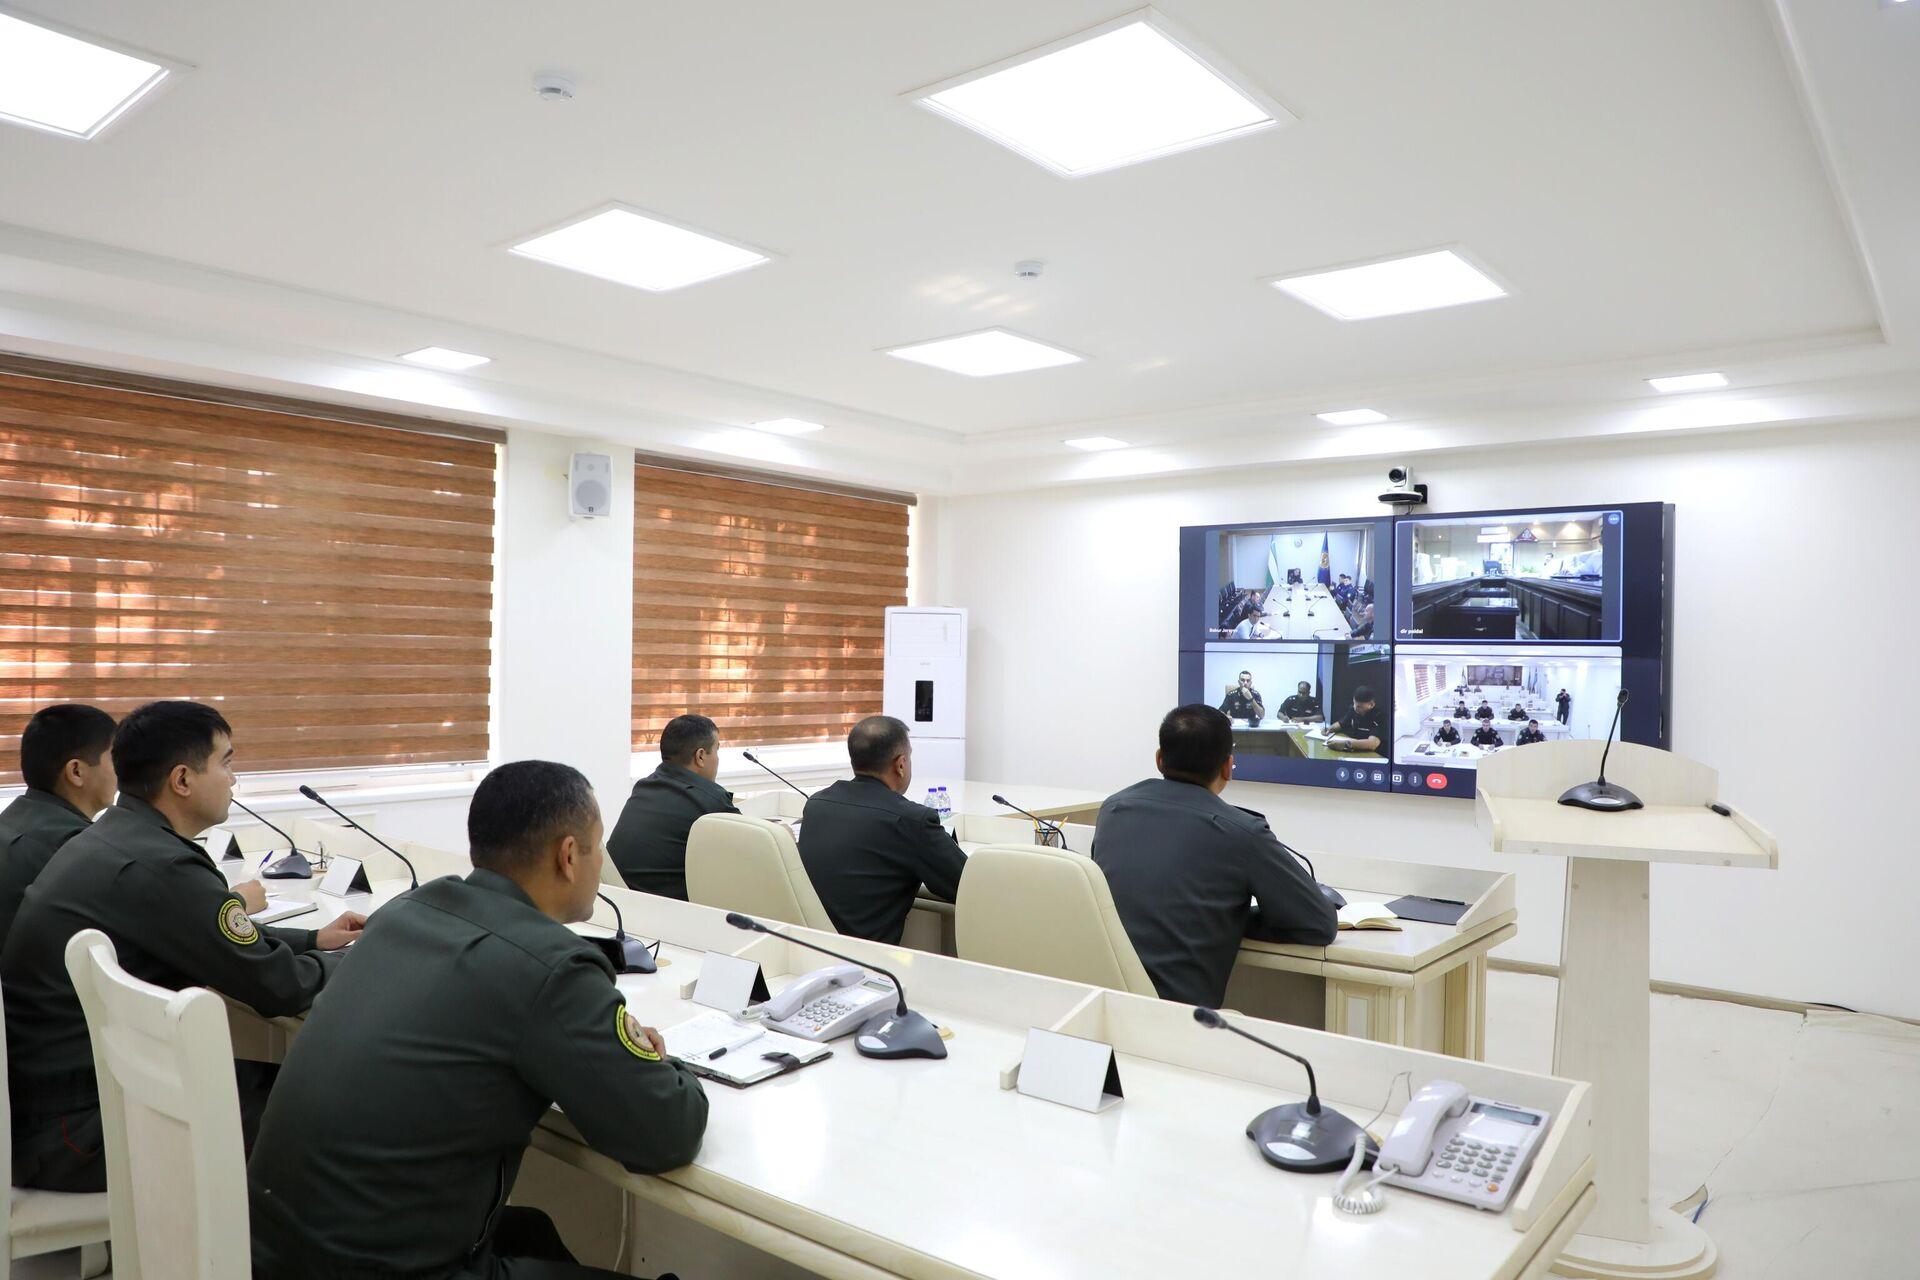 В Нукусе военные провели онлайн совешание со своими индийскими коллегами - Sputnik Ўзбекистон, 1920, 06.10.2021